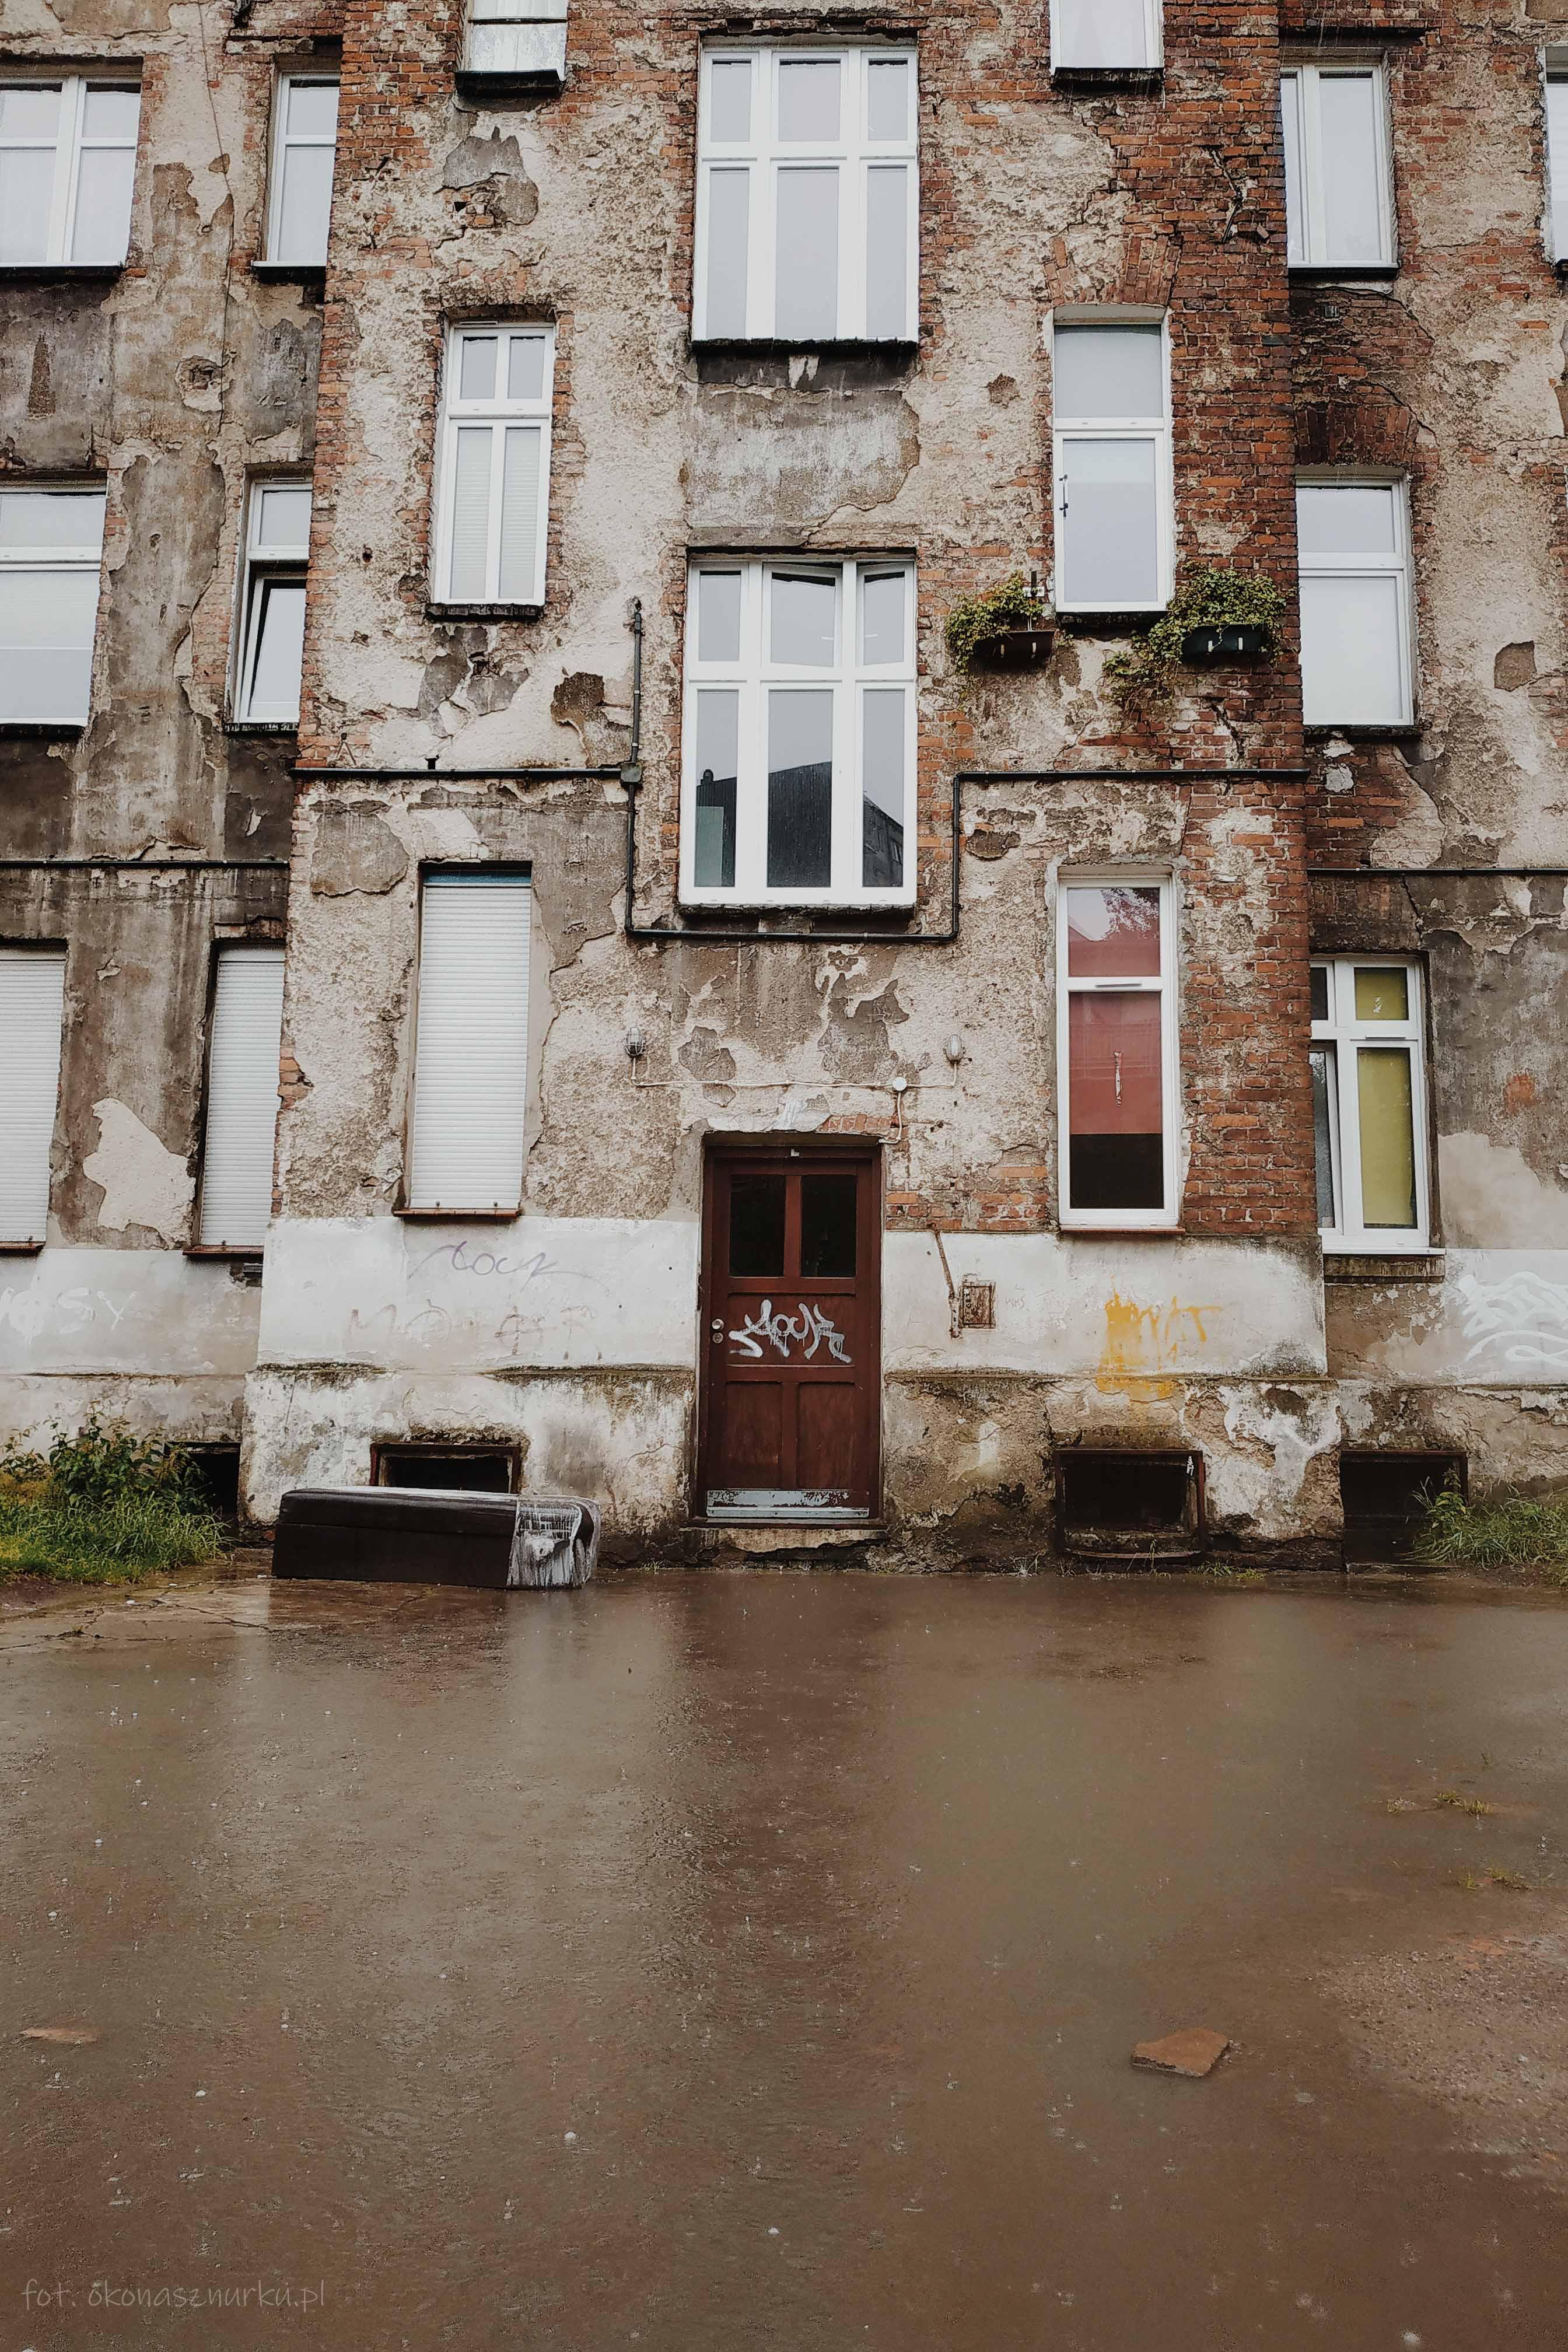 powodz-odra-wroclaw-2020-okonasznurku (2)